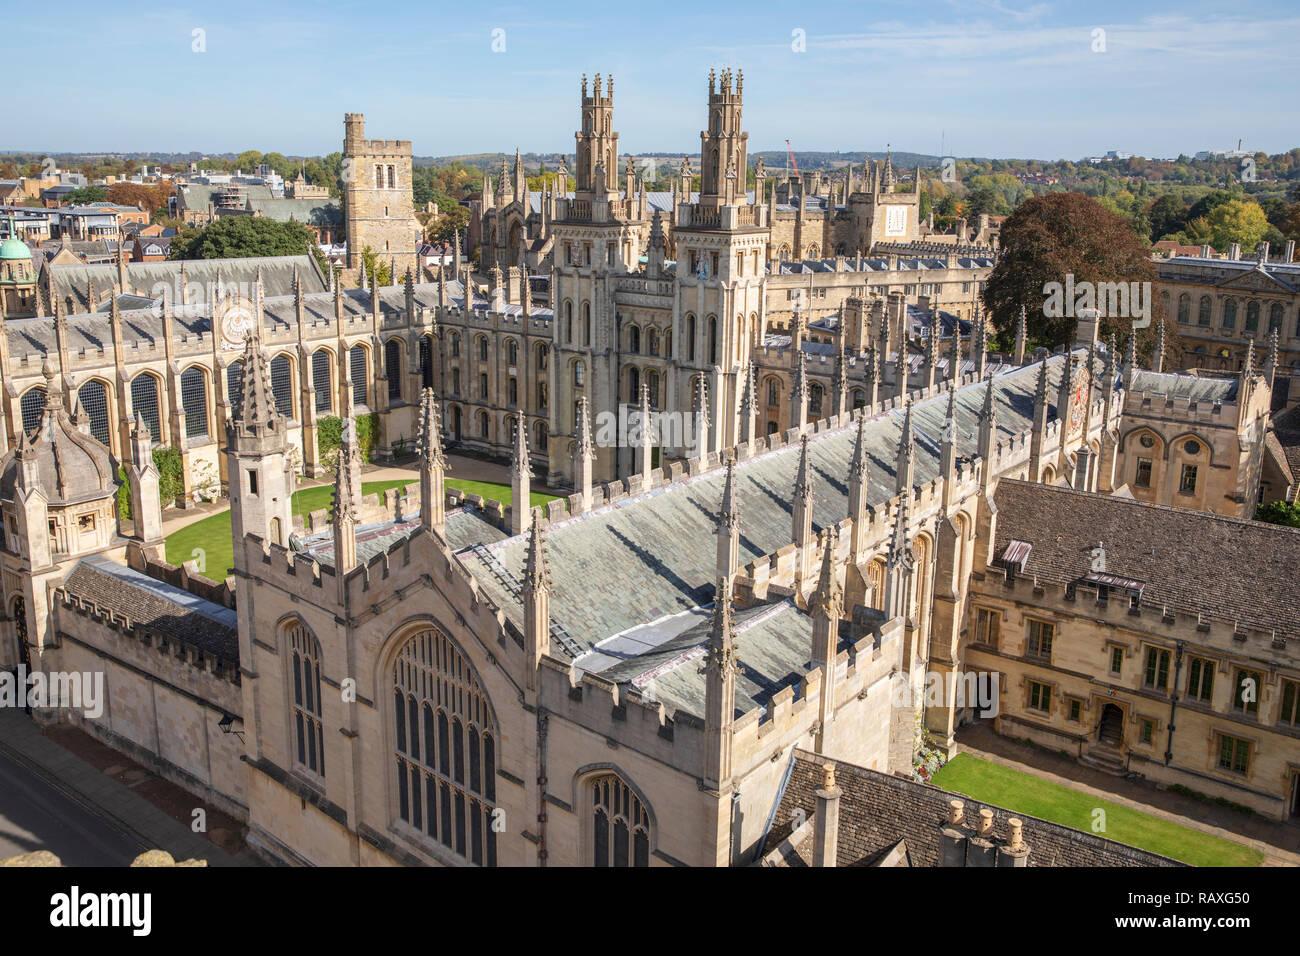 All Souls College, Oxford, Inglaterra, como puede verse en la iglesia universitaria de Santa María a la Virgen. Foto de stock